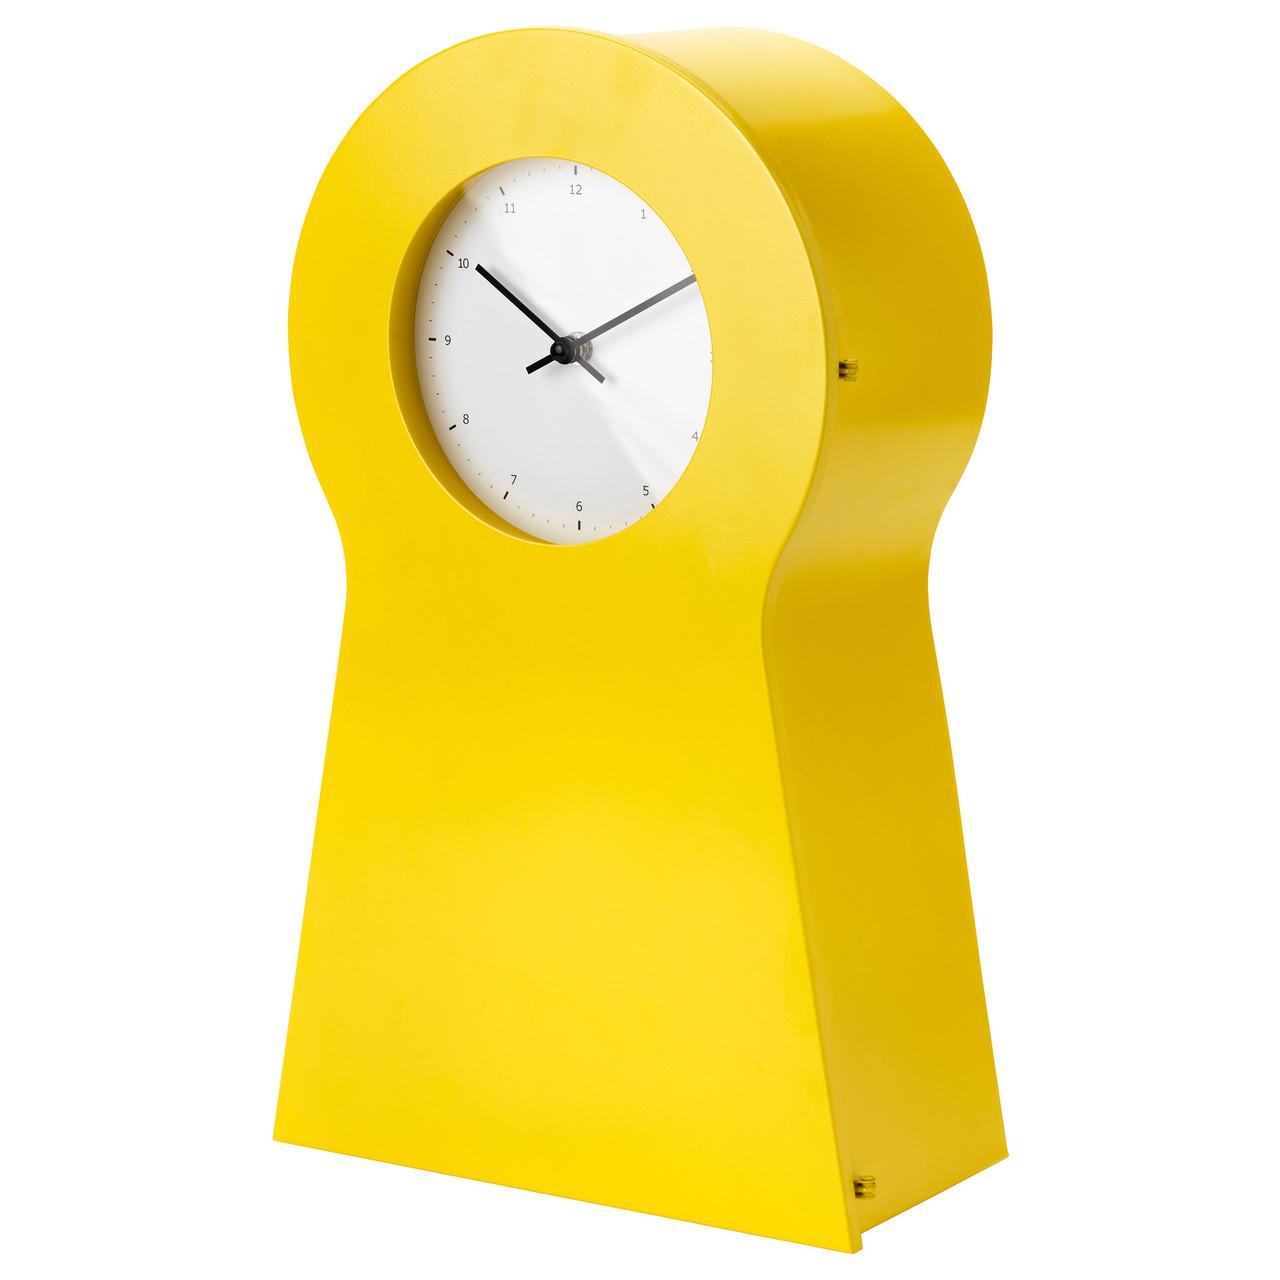 ИКЕА ПС 1995 Часы, желтый 80271907 IKEA, ИКЕА, IKEA PS 1995